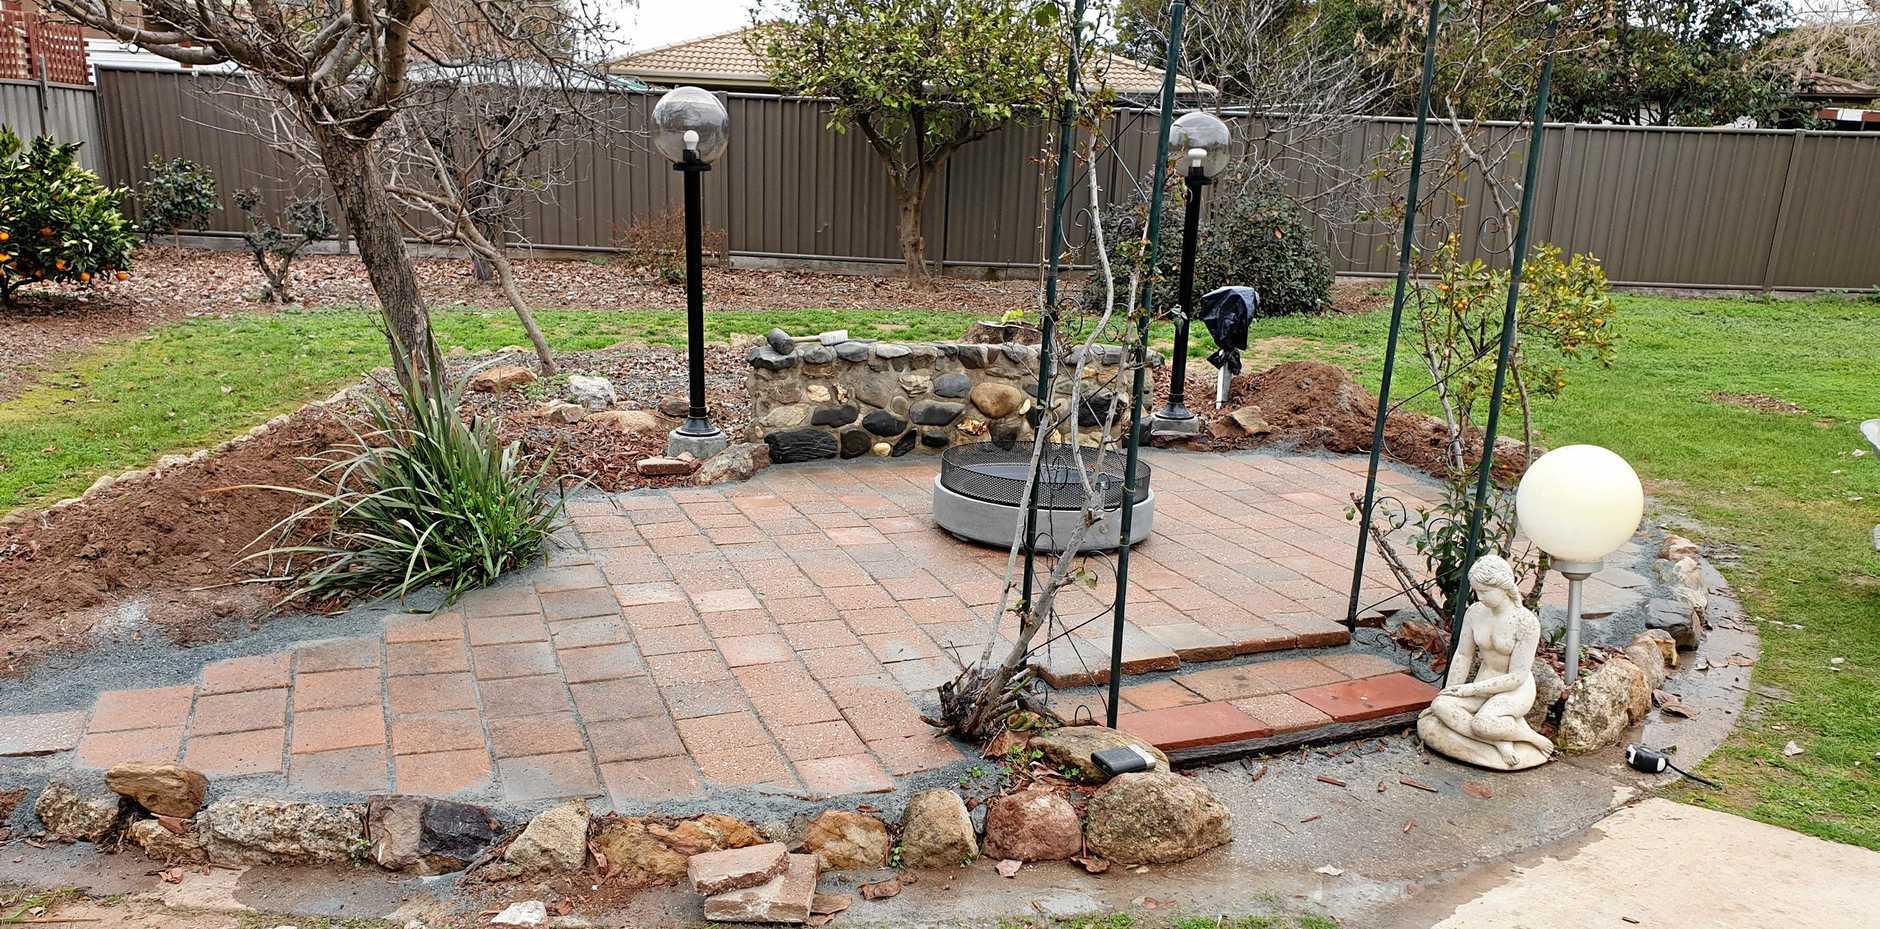 STONE HEDGE: The progress in Kermie's backyard.